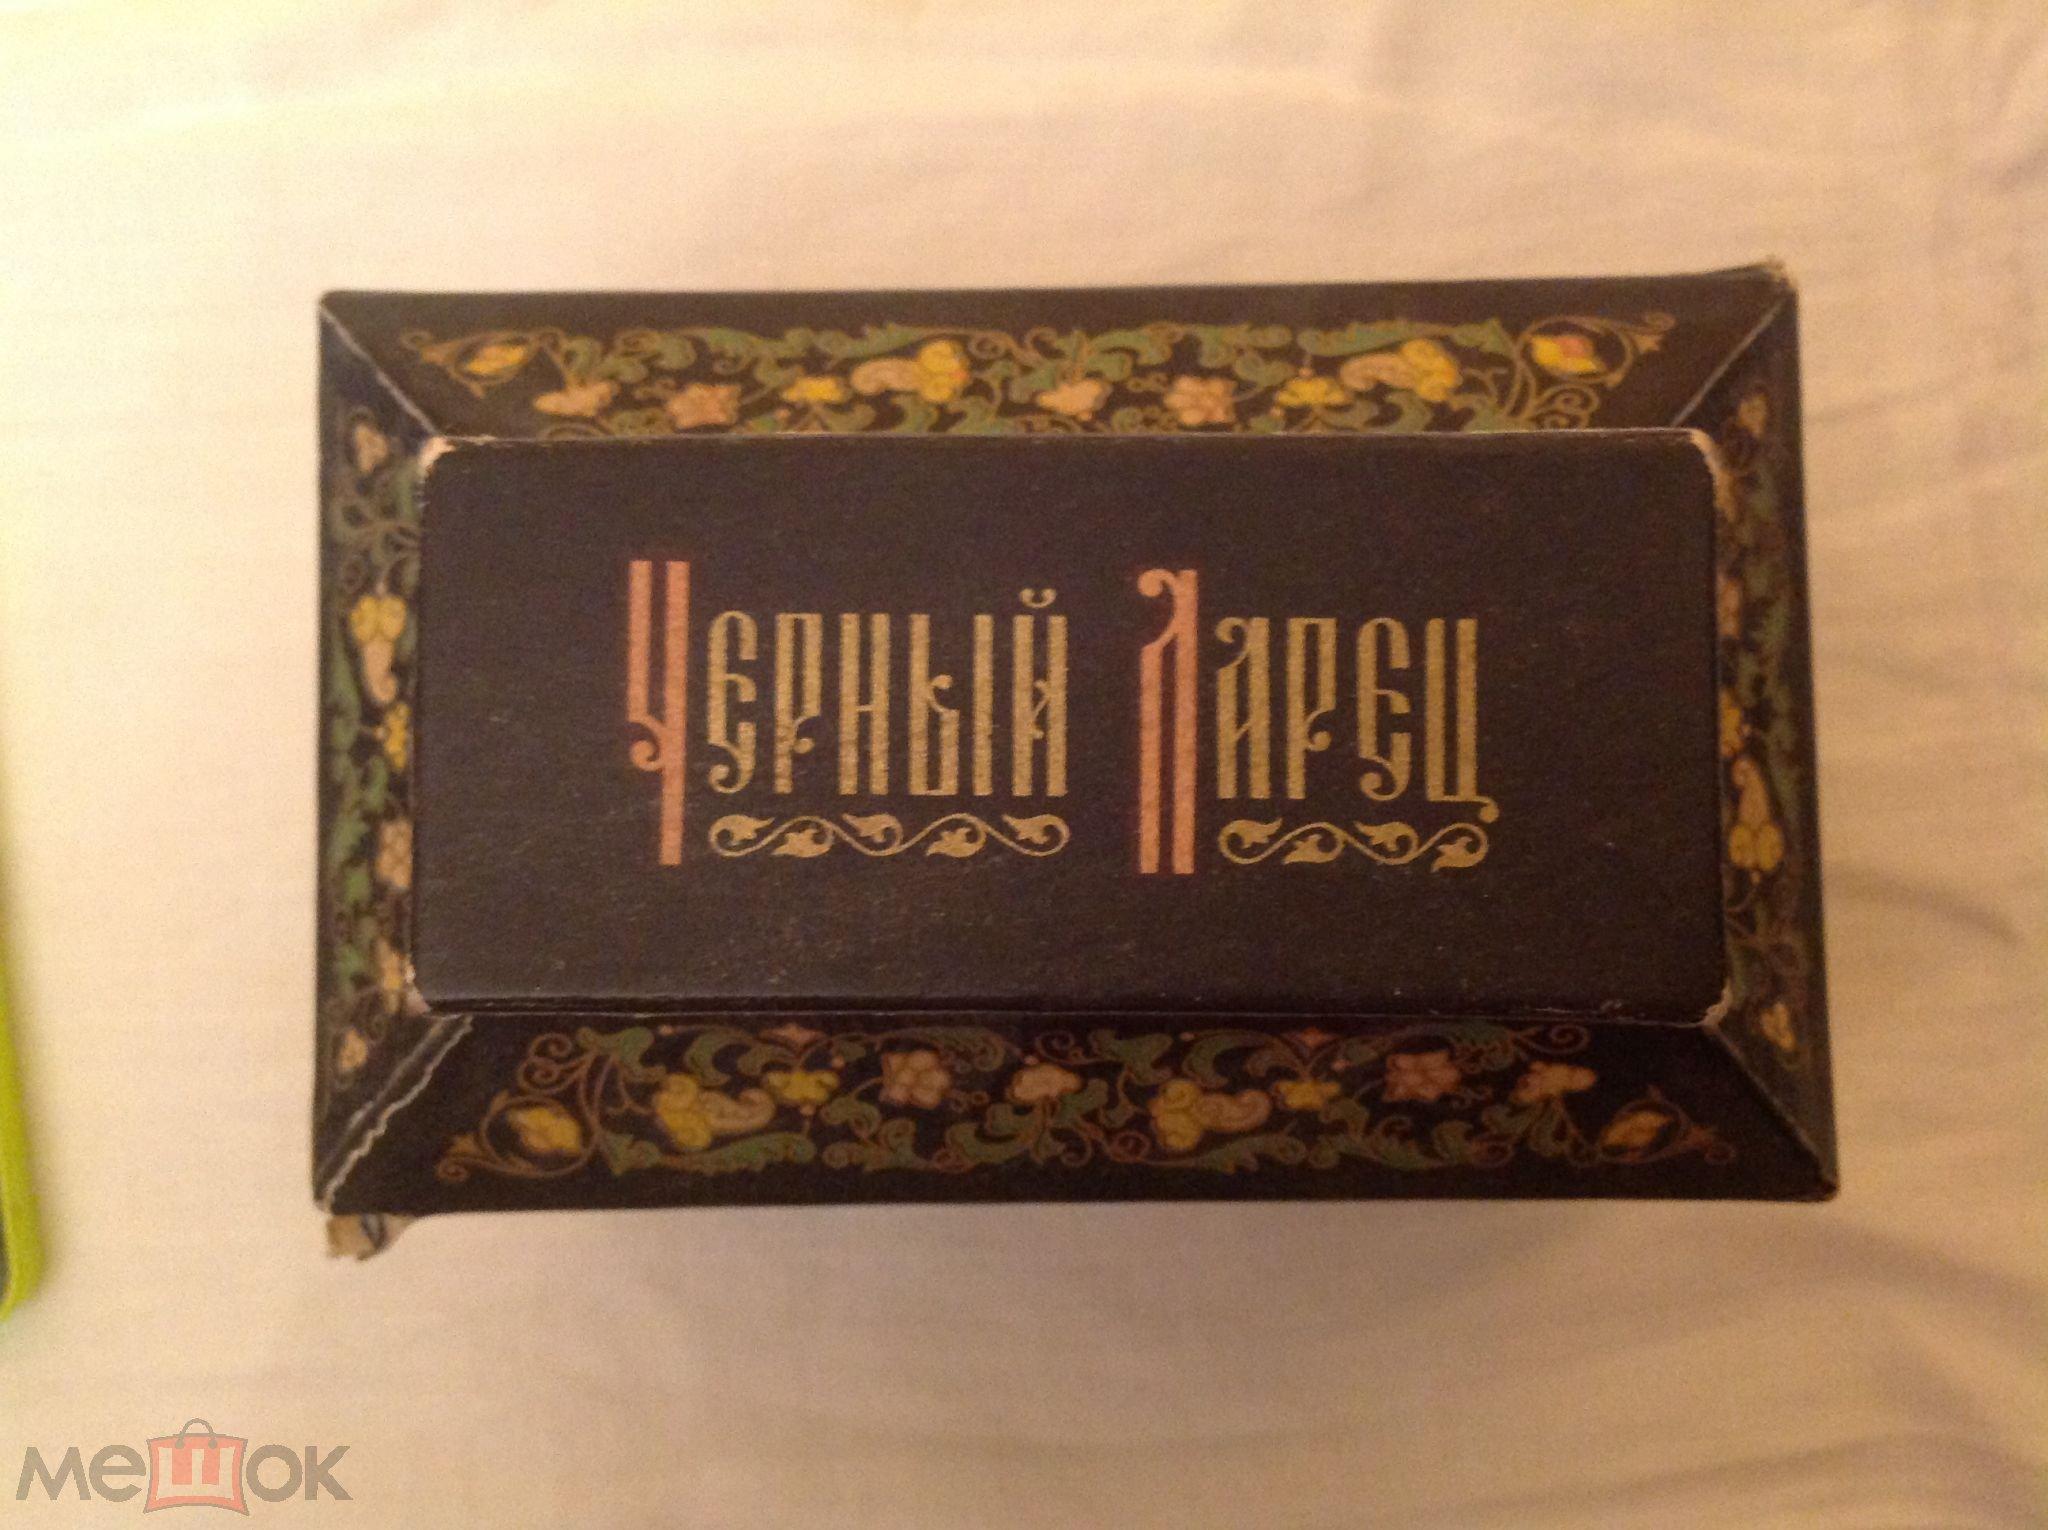 Чёрный ларец. Парфюмерный набор. Новая заря. Коробка и два флакона.